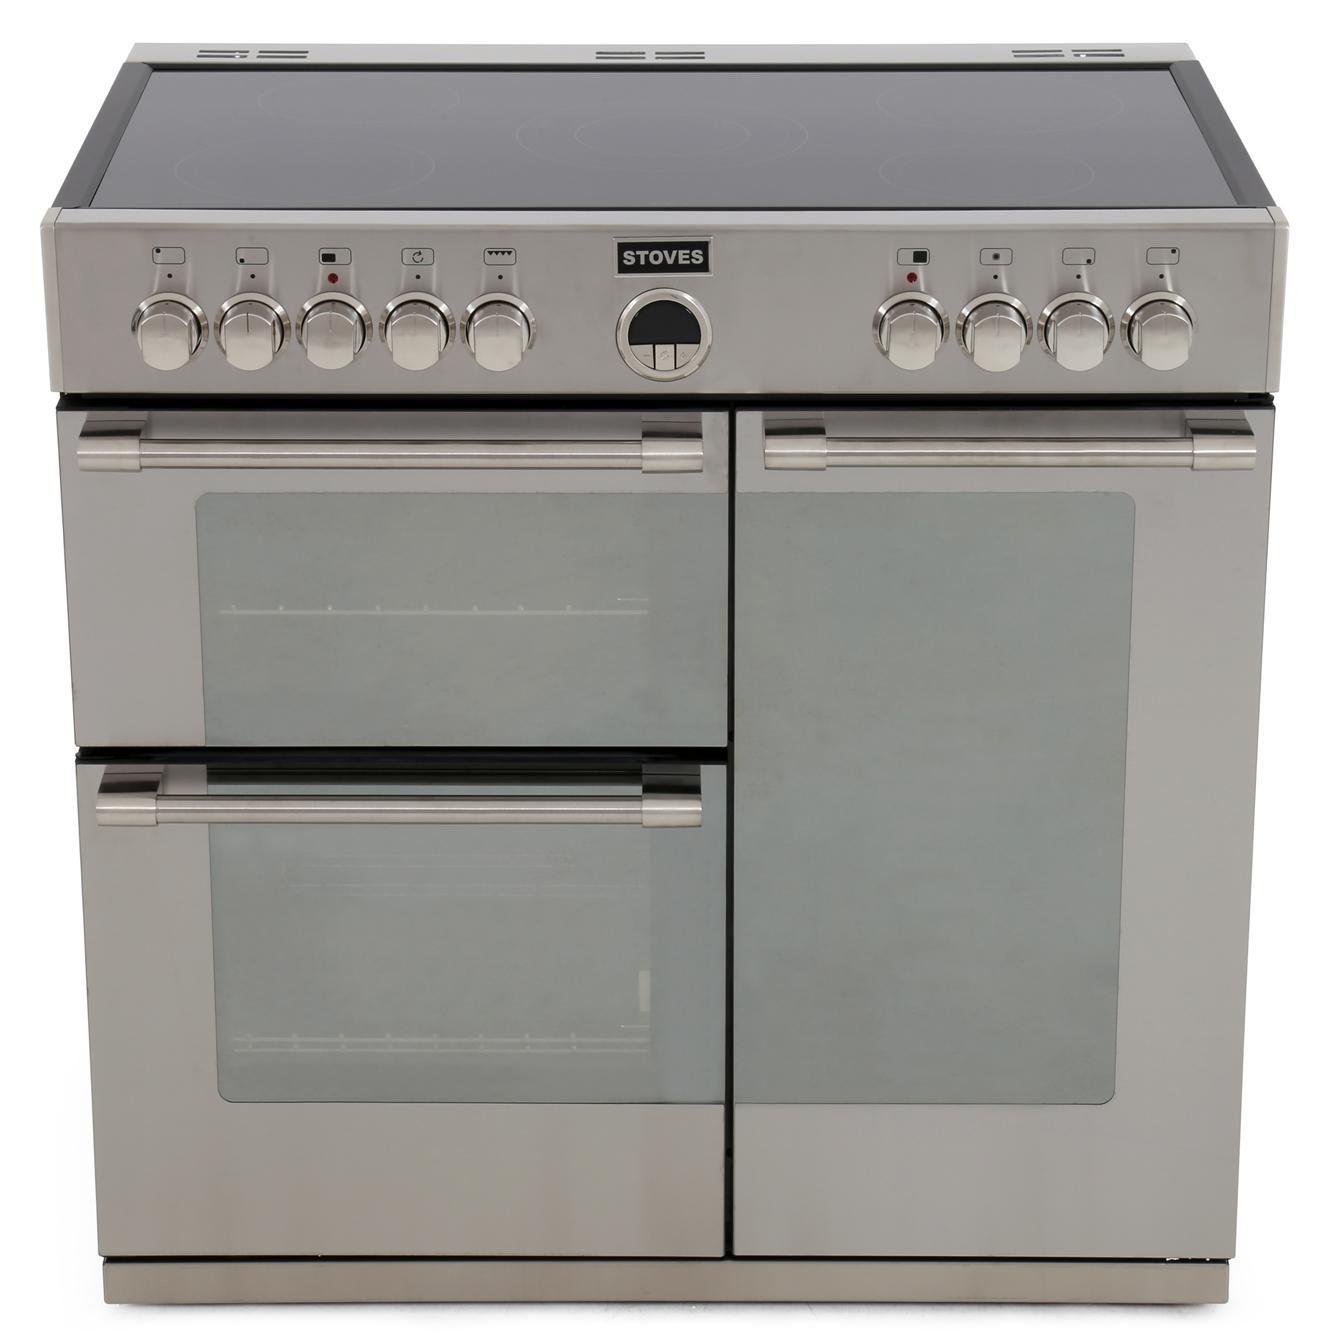 90Cm range cooker